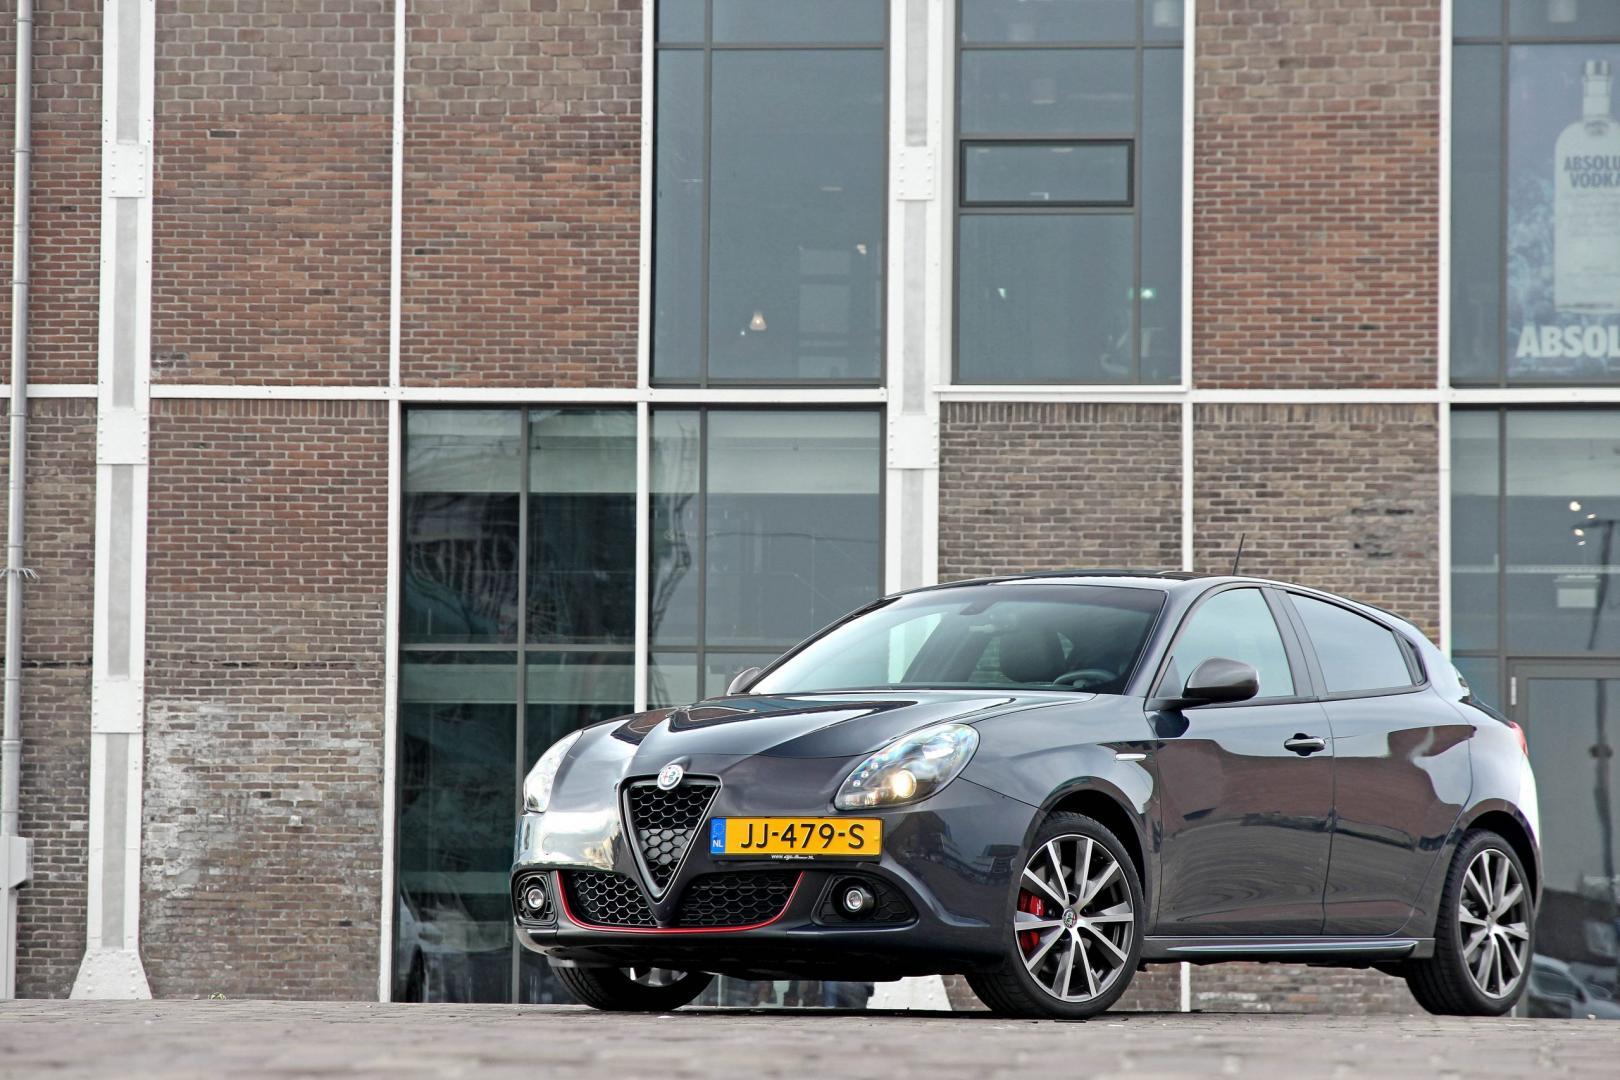 Grijze Alfa Romeo Giulietta op Nederlands kenteken